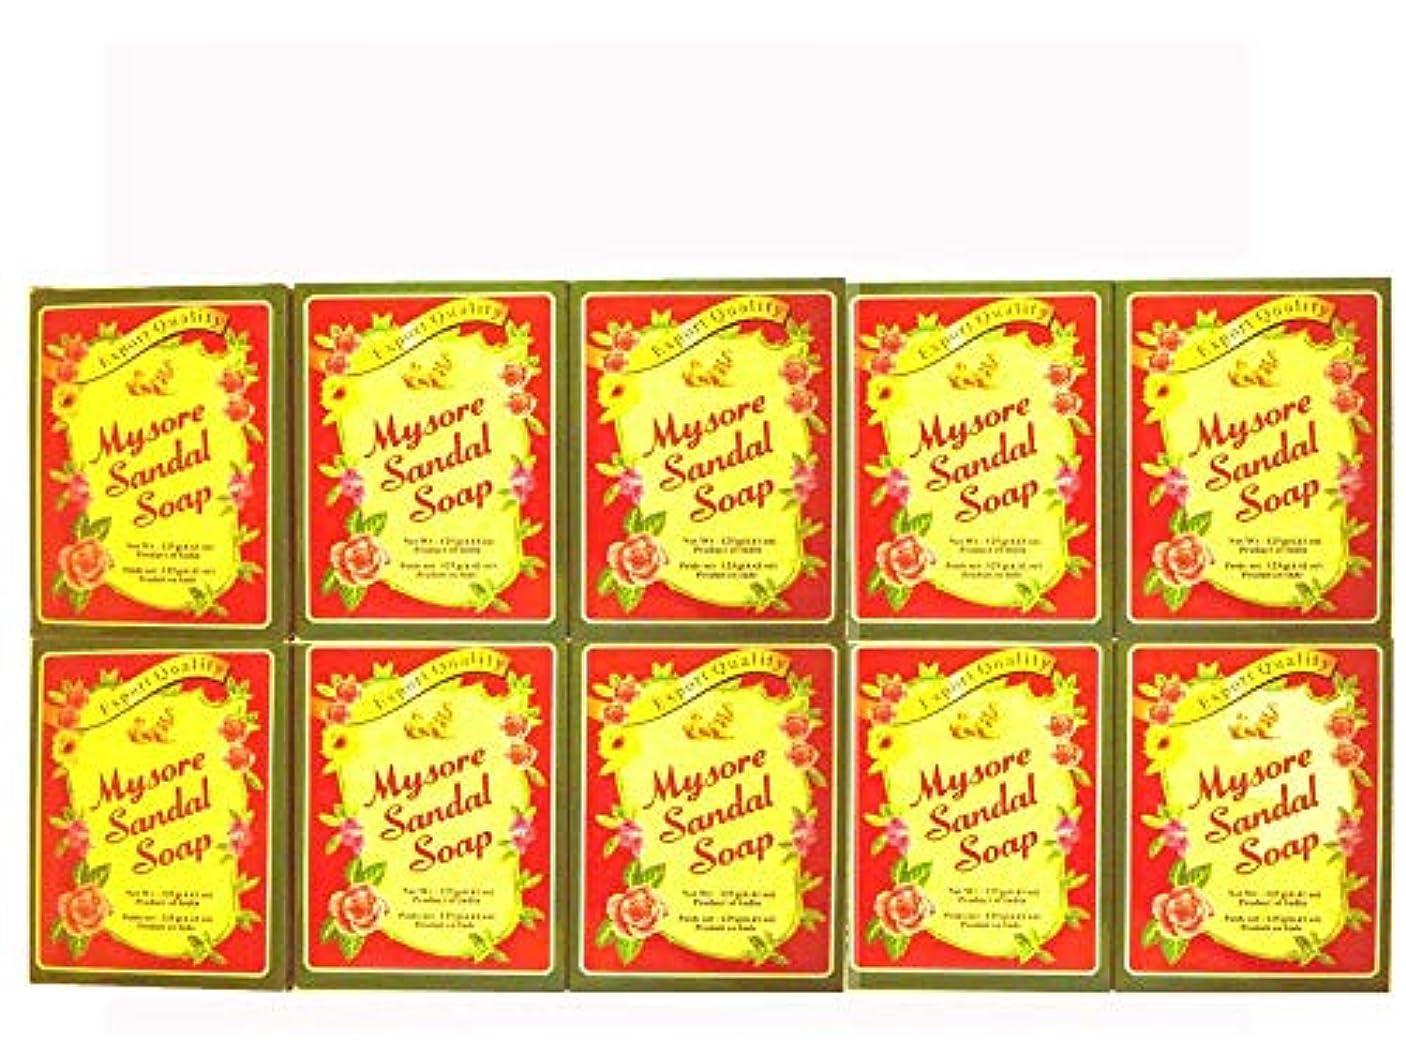 消える伝統的メディア高純度白檀油配合 マイソール サンダルソープ 75g 10個SET